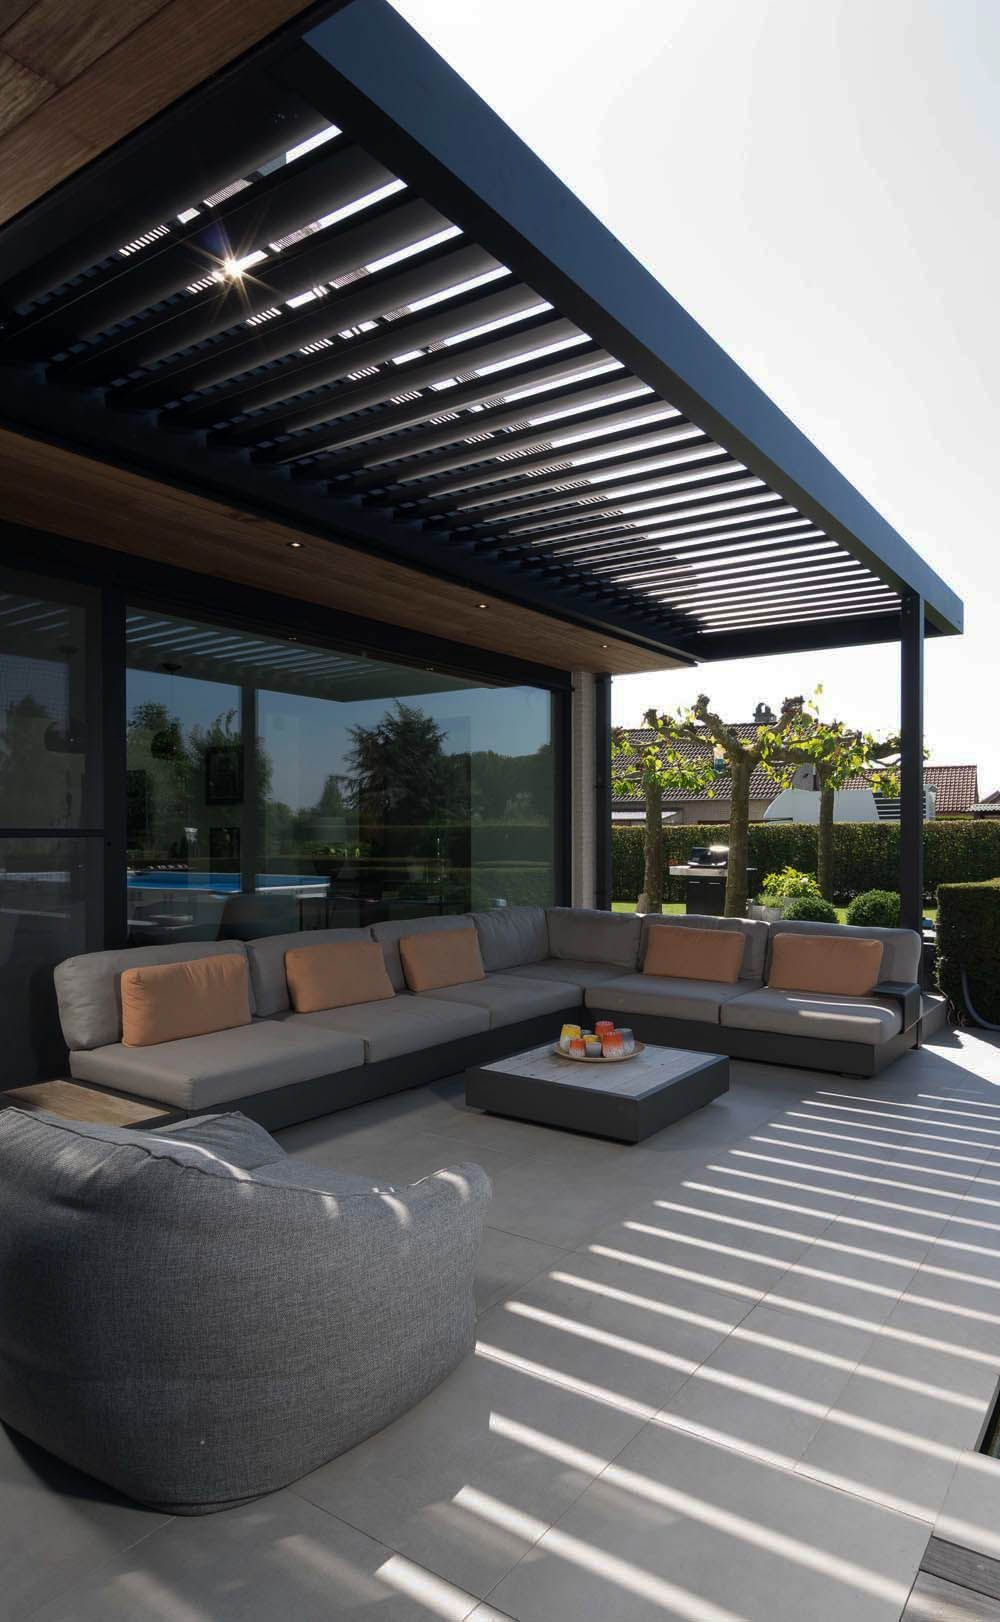 14 Inventive Ideas For A Perfect Porch Covered Porch